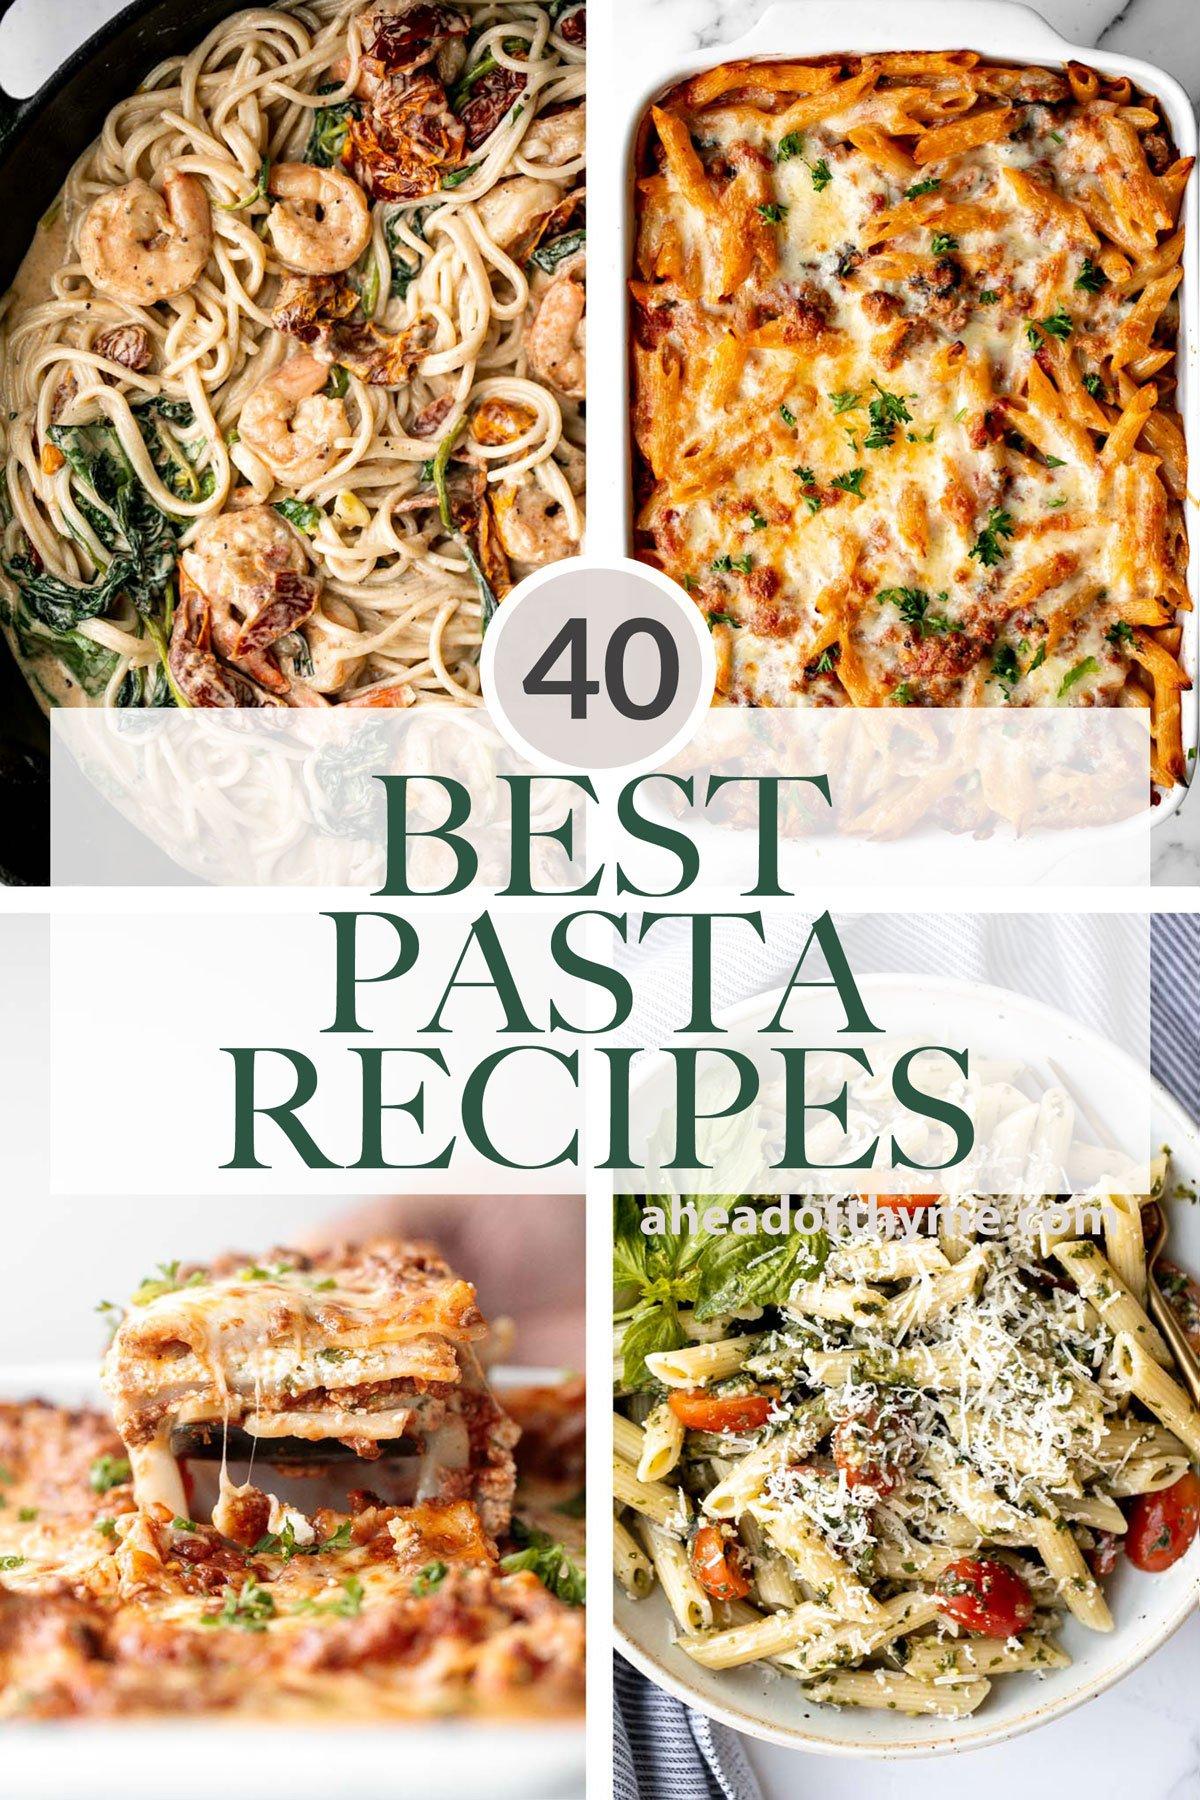 40 Best Pasta Recipes